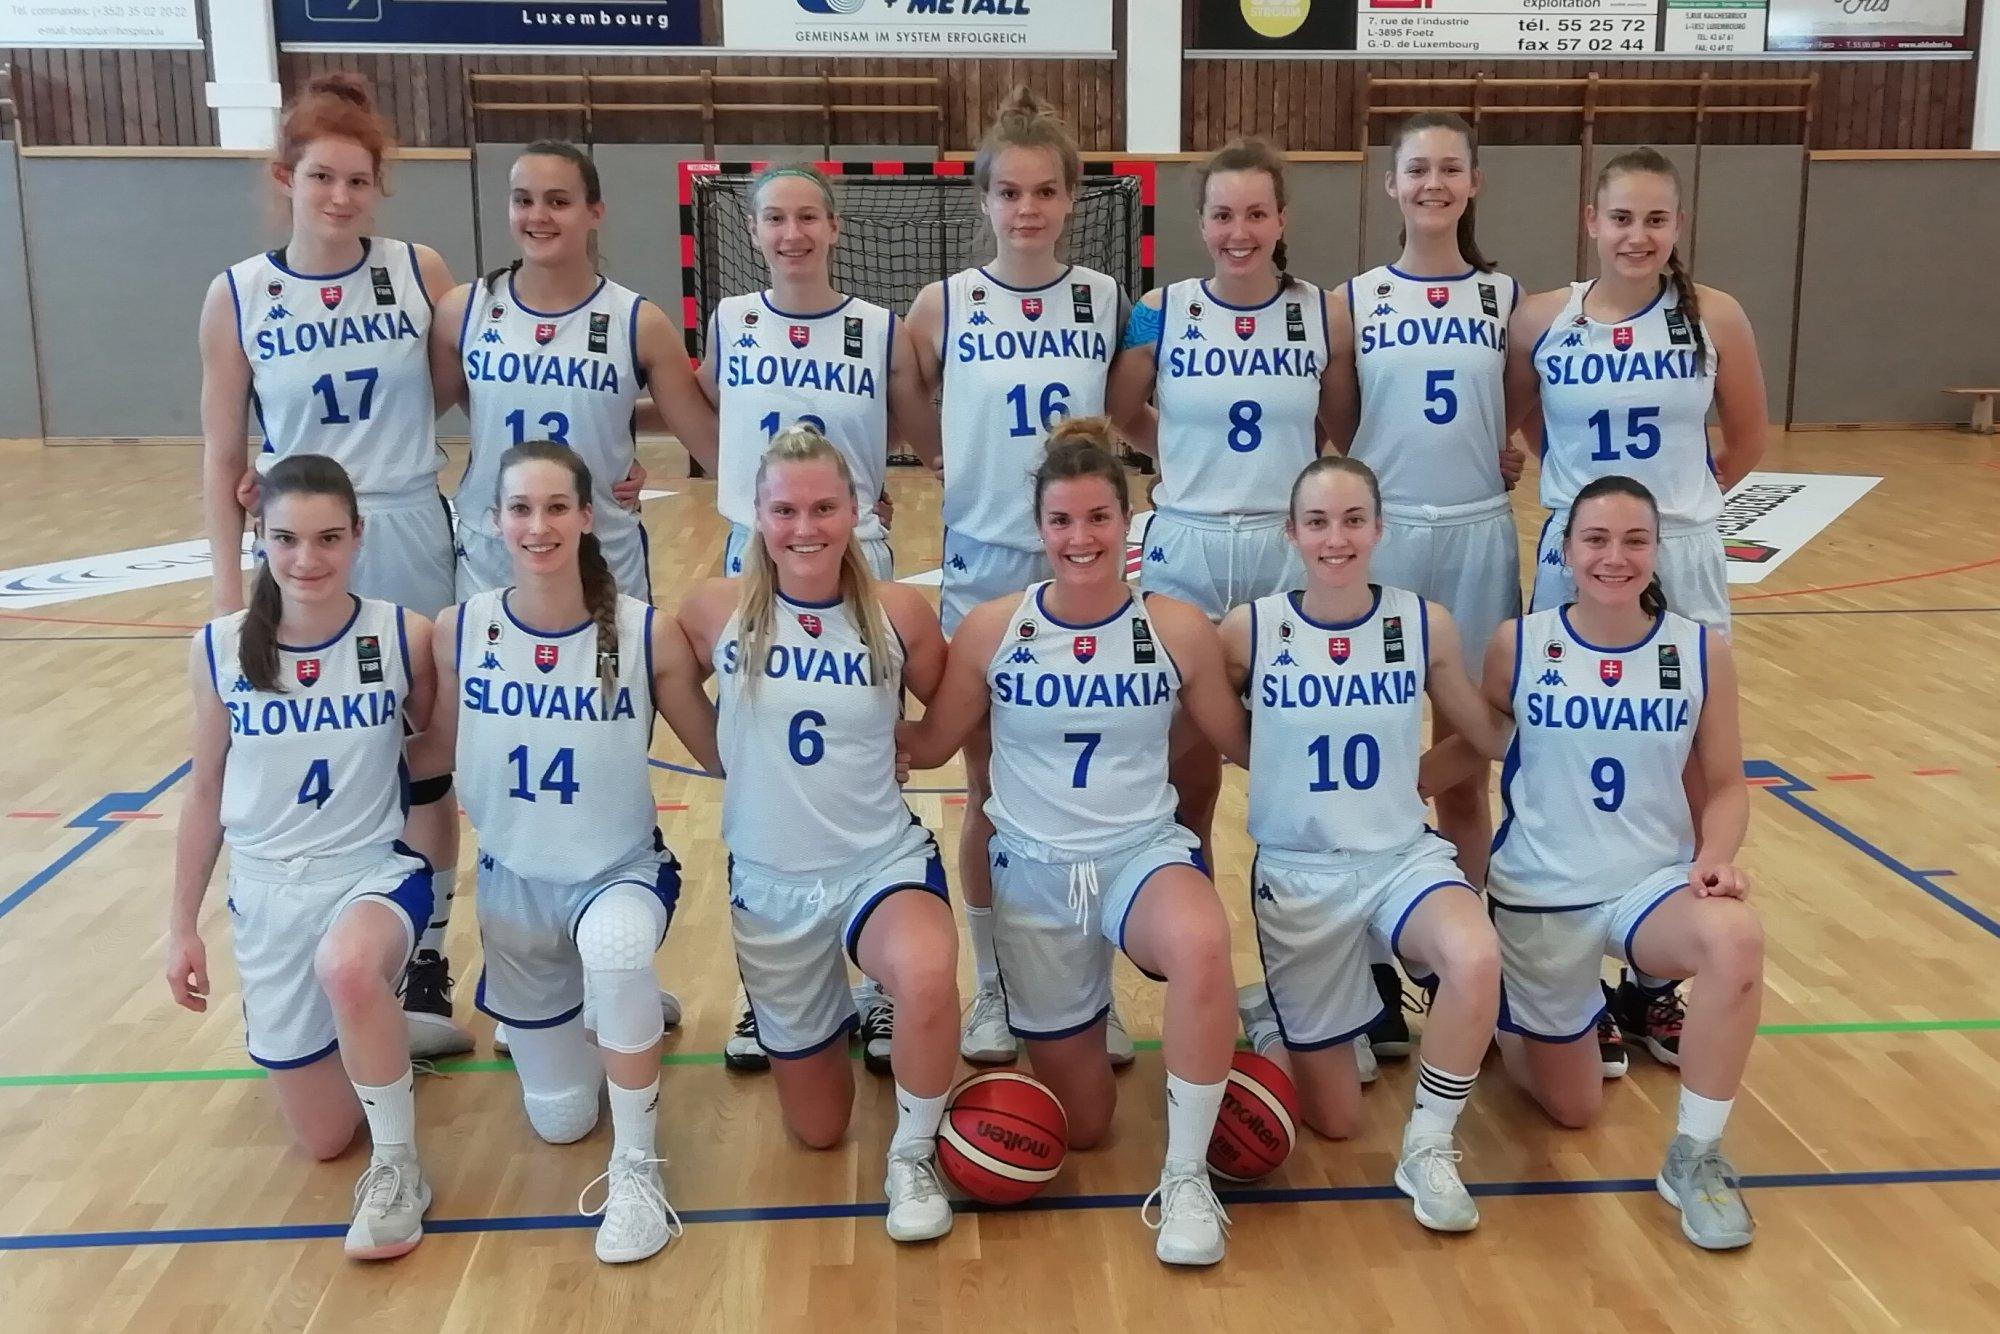 5a7cdeb3b Príprava dievčat do 18 rokov pokračuje v Luxembursku - basket.sk